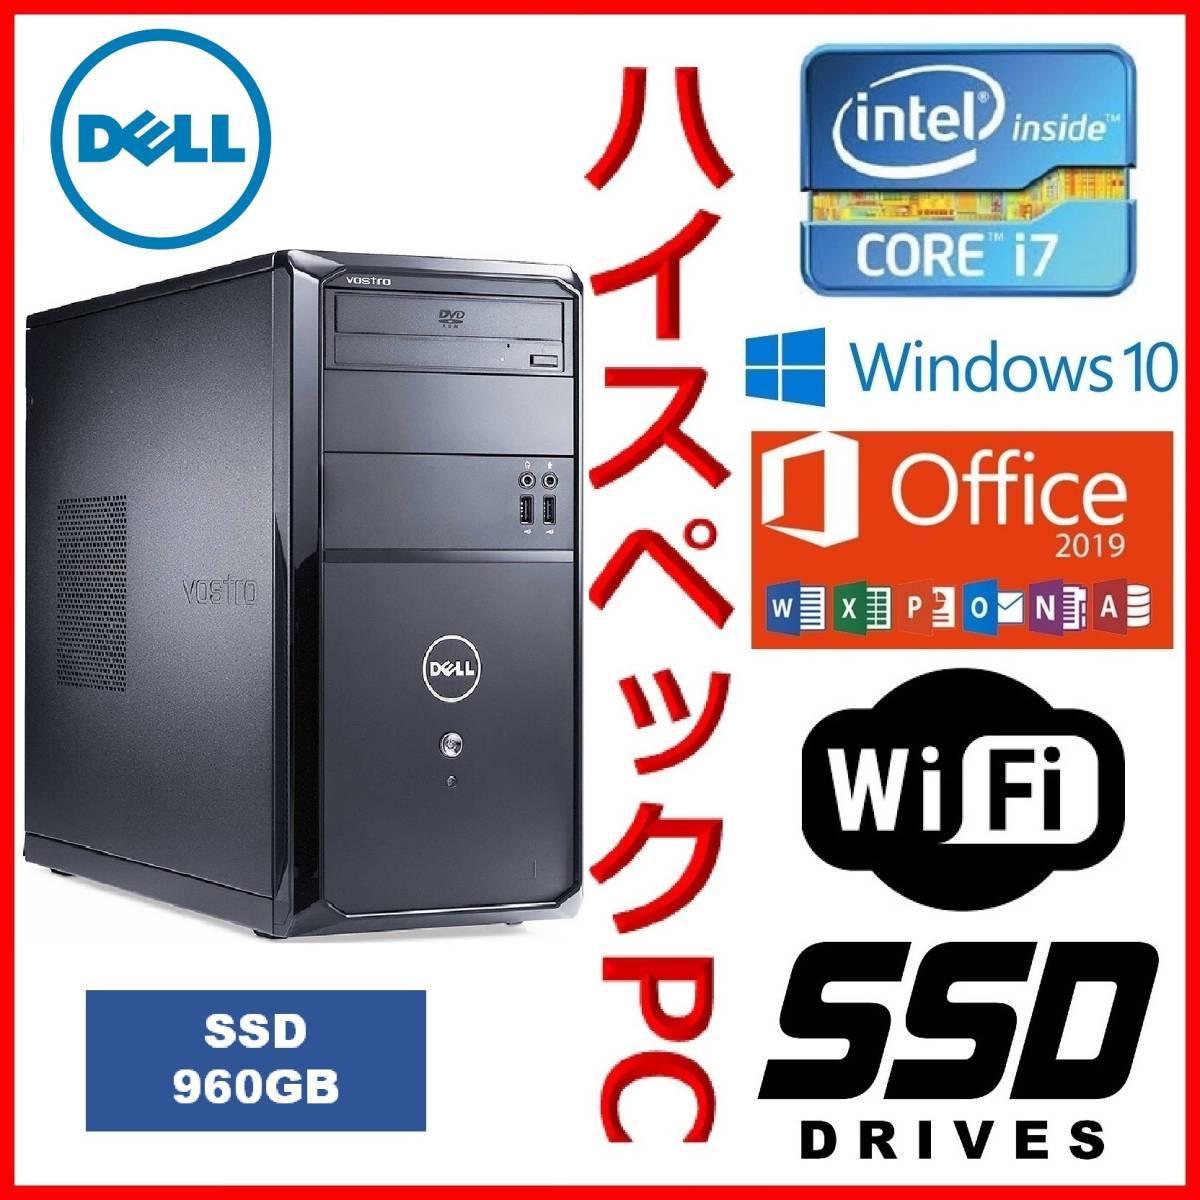 ●超高速究極PC●新品SSD960GB●メモリ16GB●Core i7 3.8GHzx8●無線LAN(Wi-Fi)●2画面●